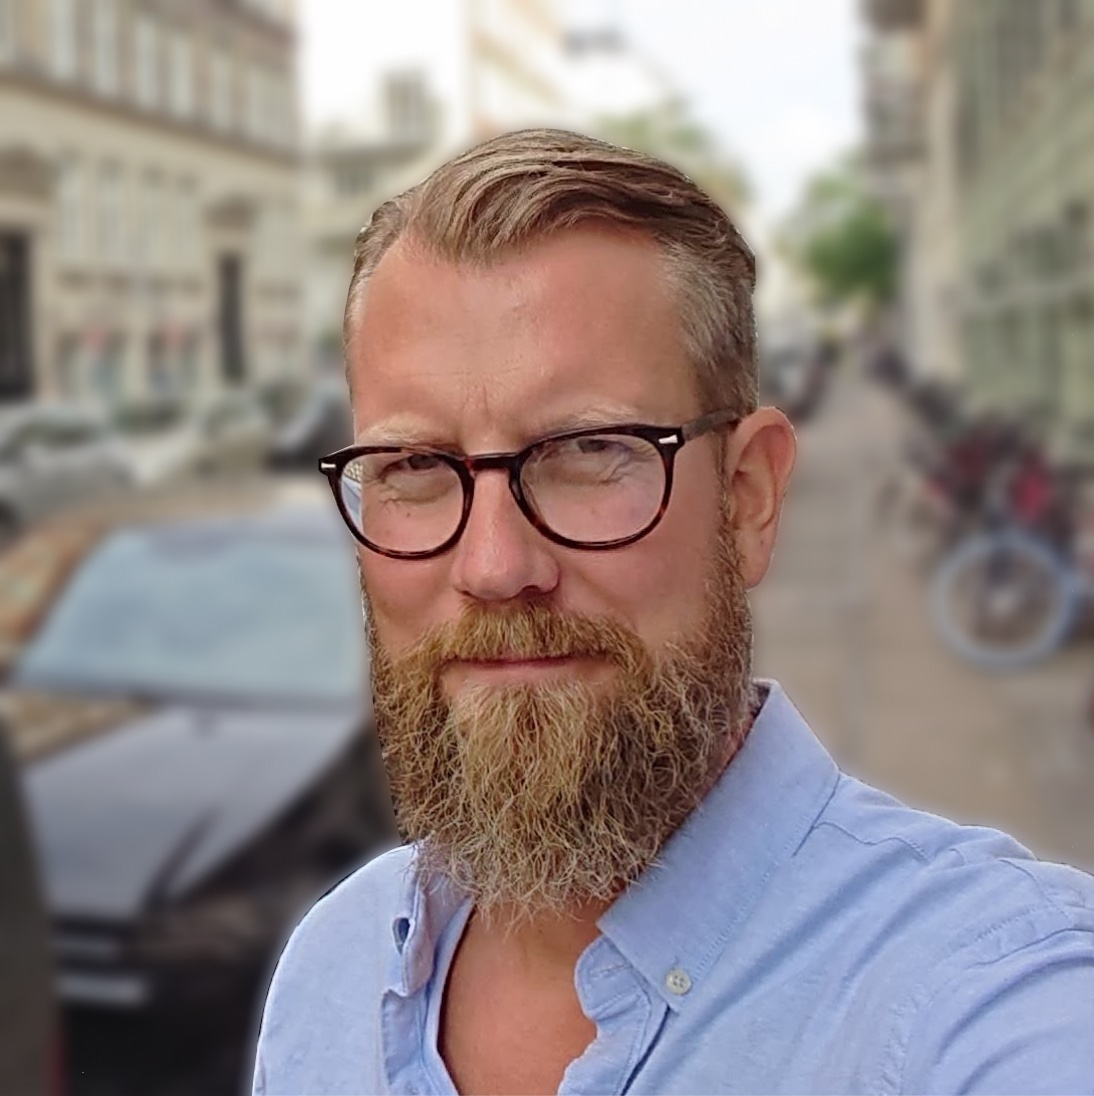 FredrikEkstrand